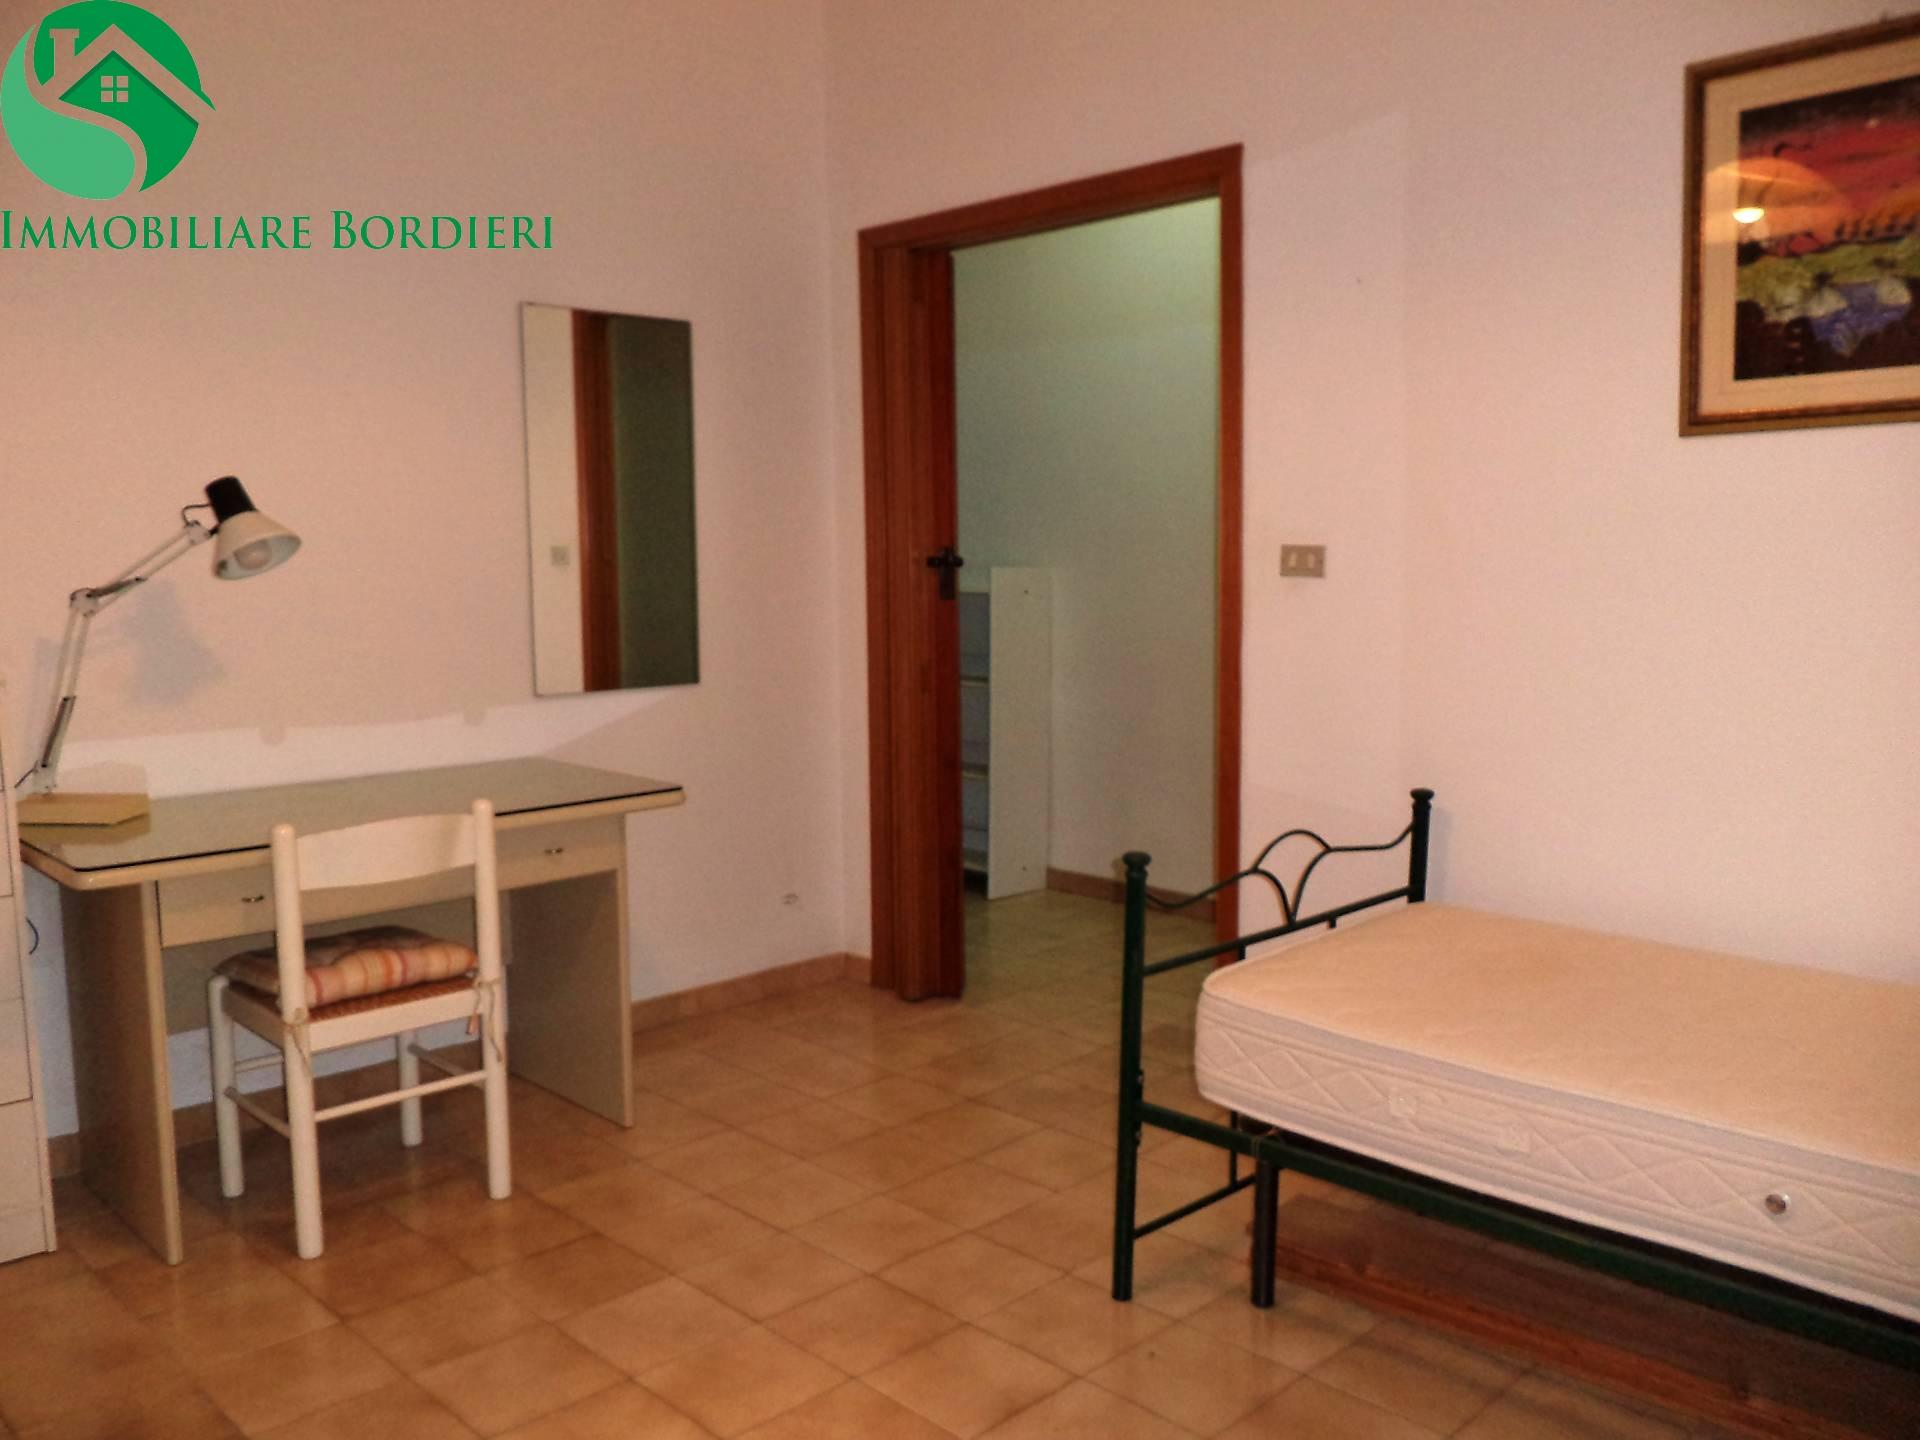 Appartamento in affitto a Siracusa, 4 locali, zona Località: ScalaGreca, prezzo € 600 | Cambio Casa.it